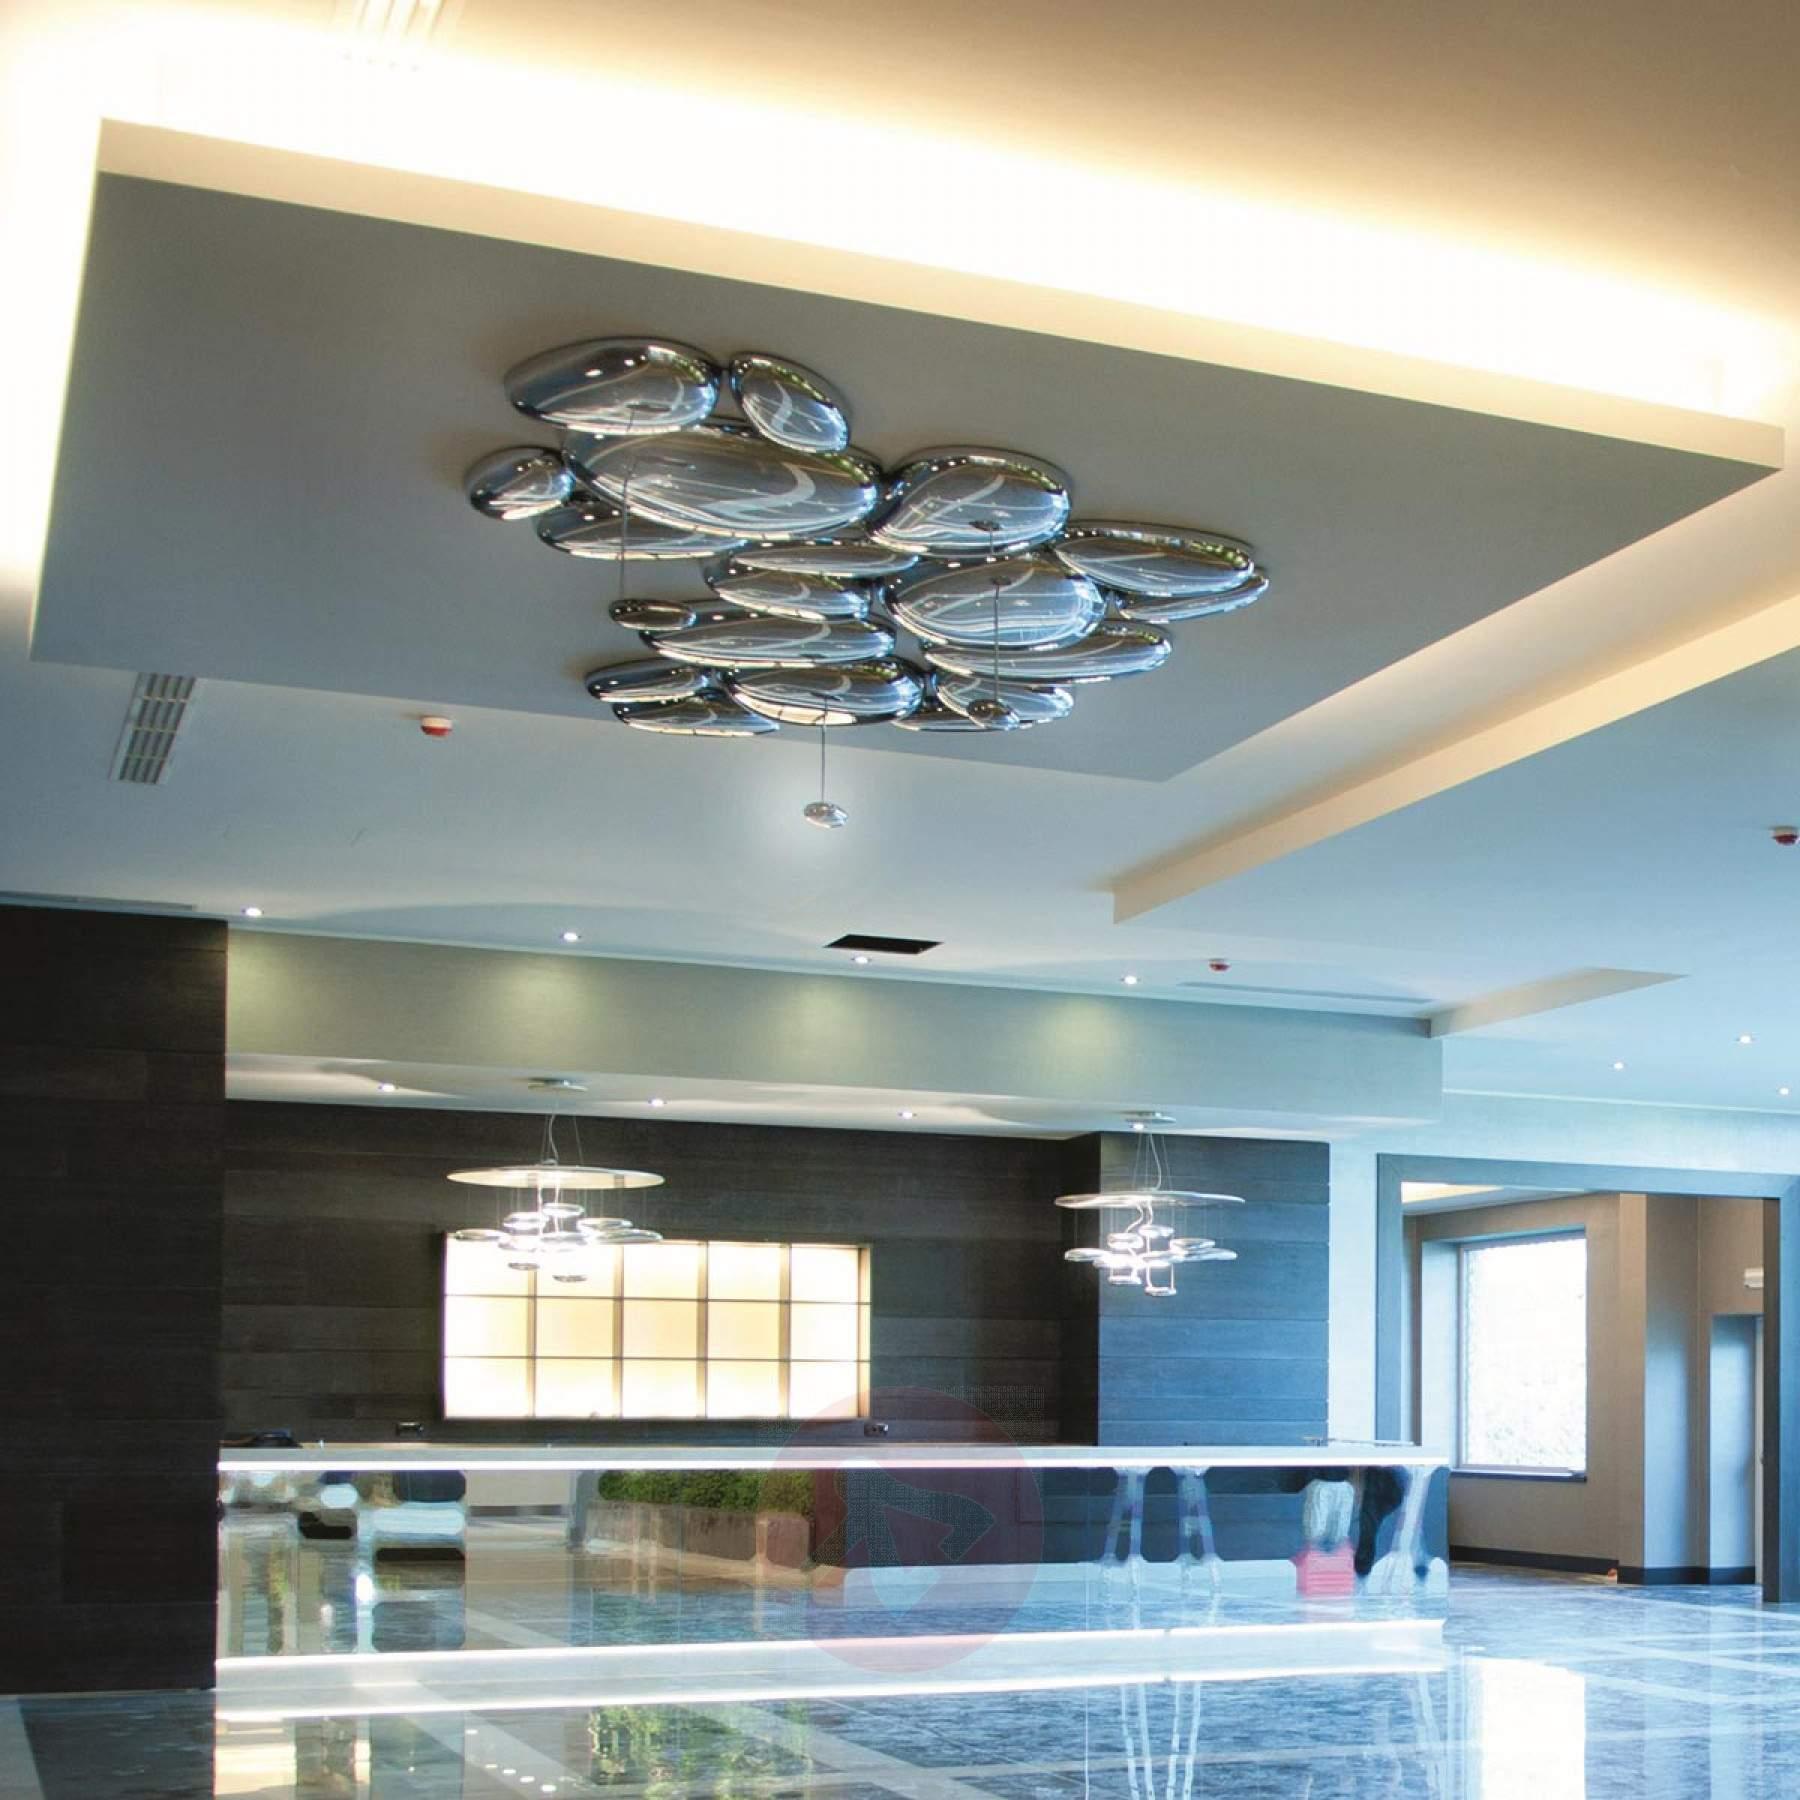 Full Size of Design Deckenleuchten Artemide Skydro Led Designer Deckenleuchte Schlafzimmer Esstisch Lampen Küche Industriedesign Esstische Wohnzimmer Bett Modern Wohnzimmer Design Deckenleuchten